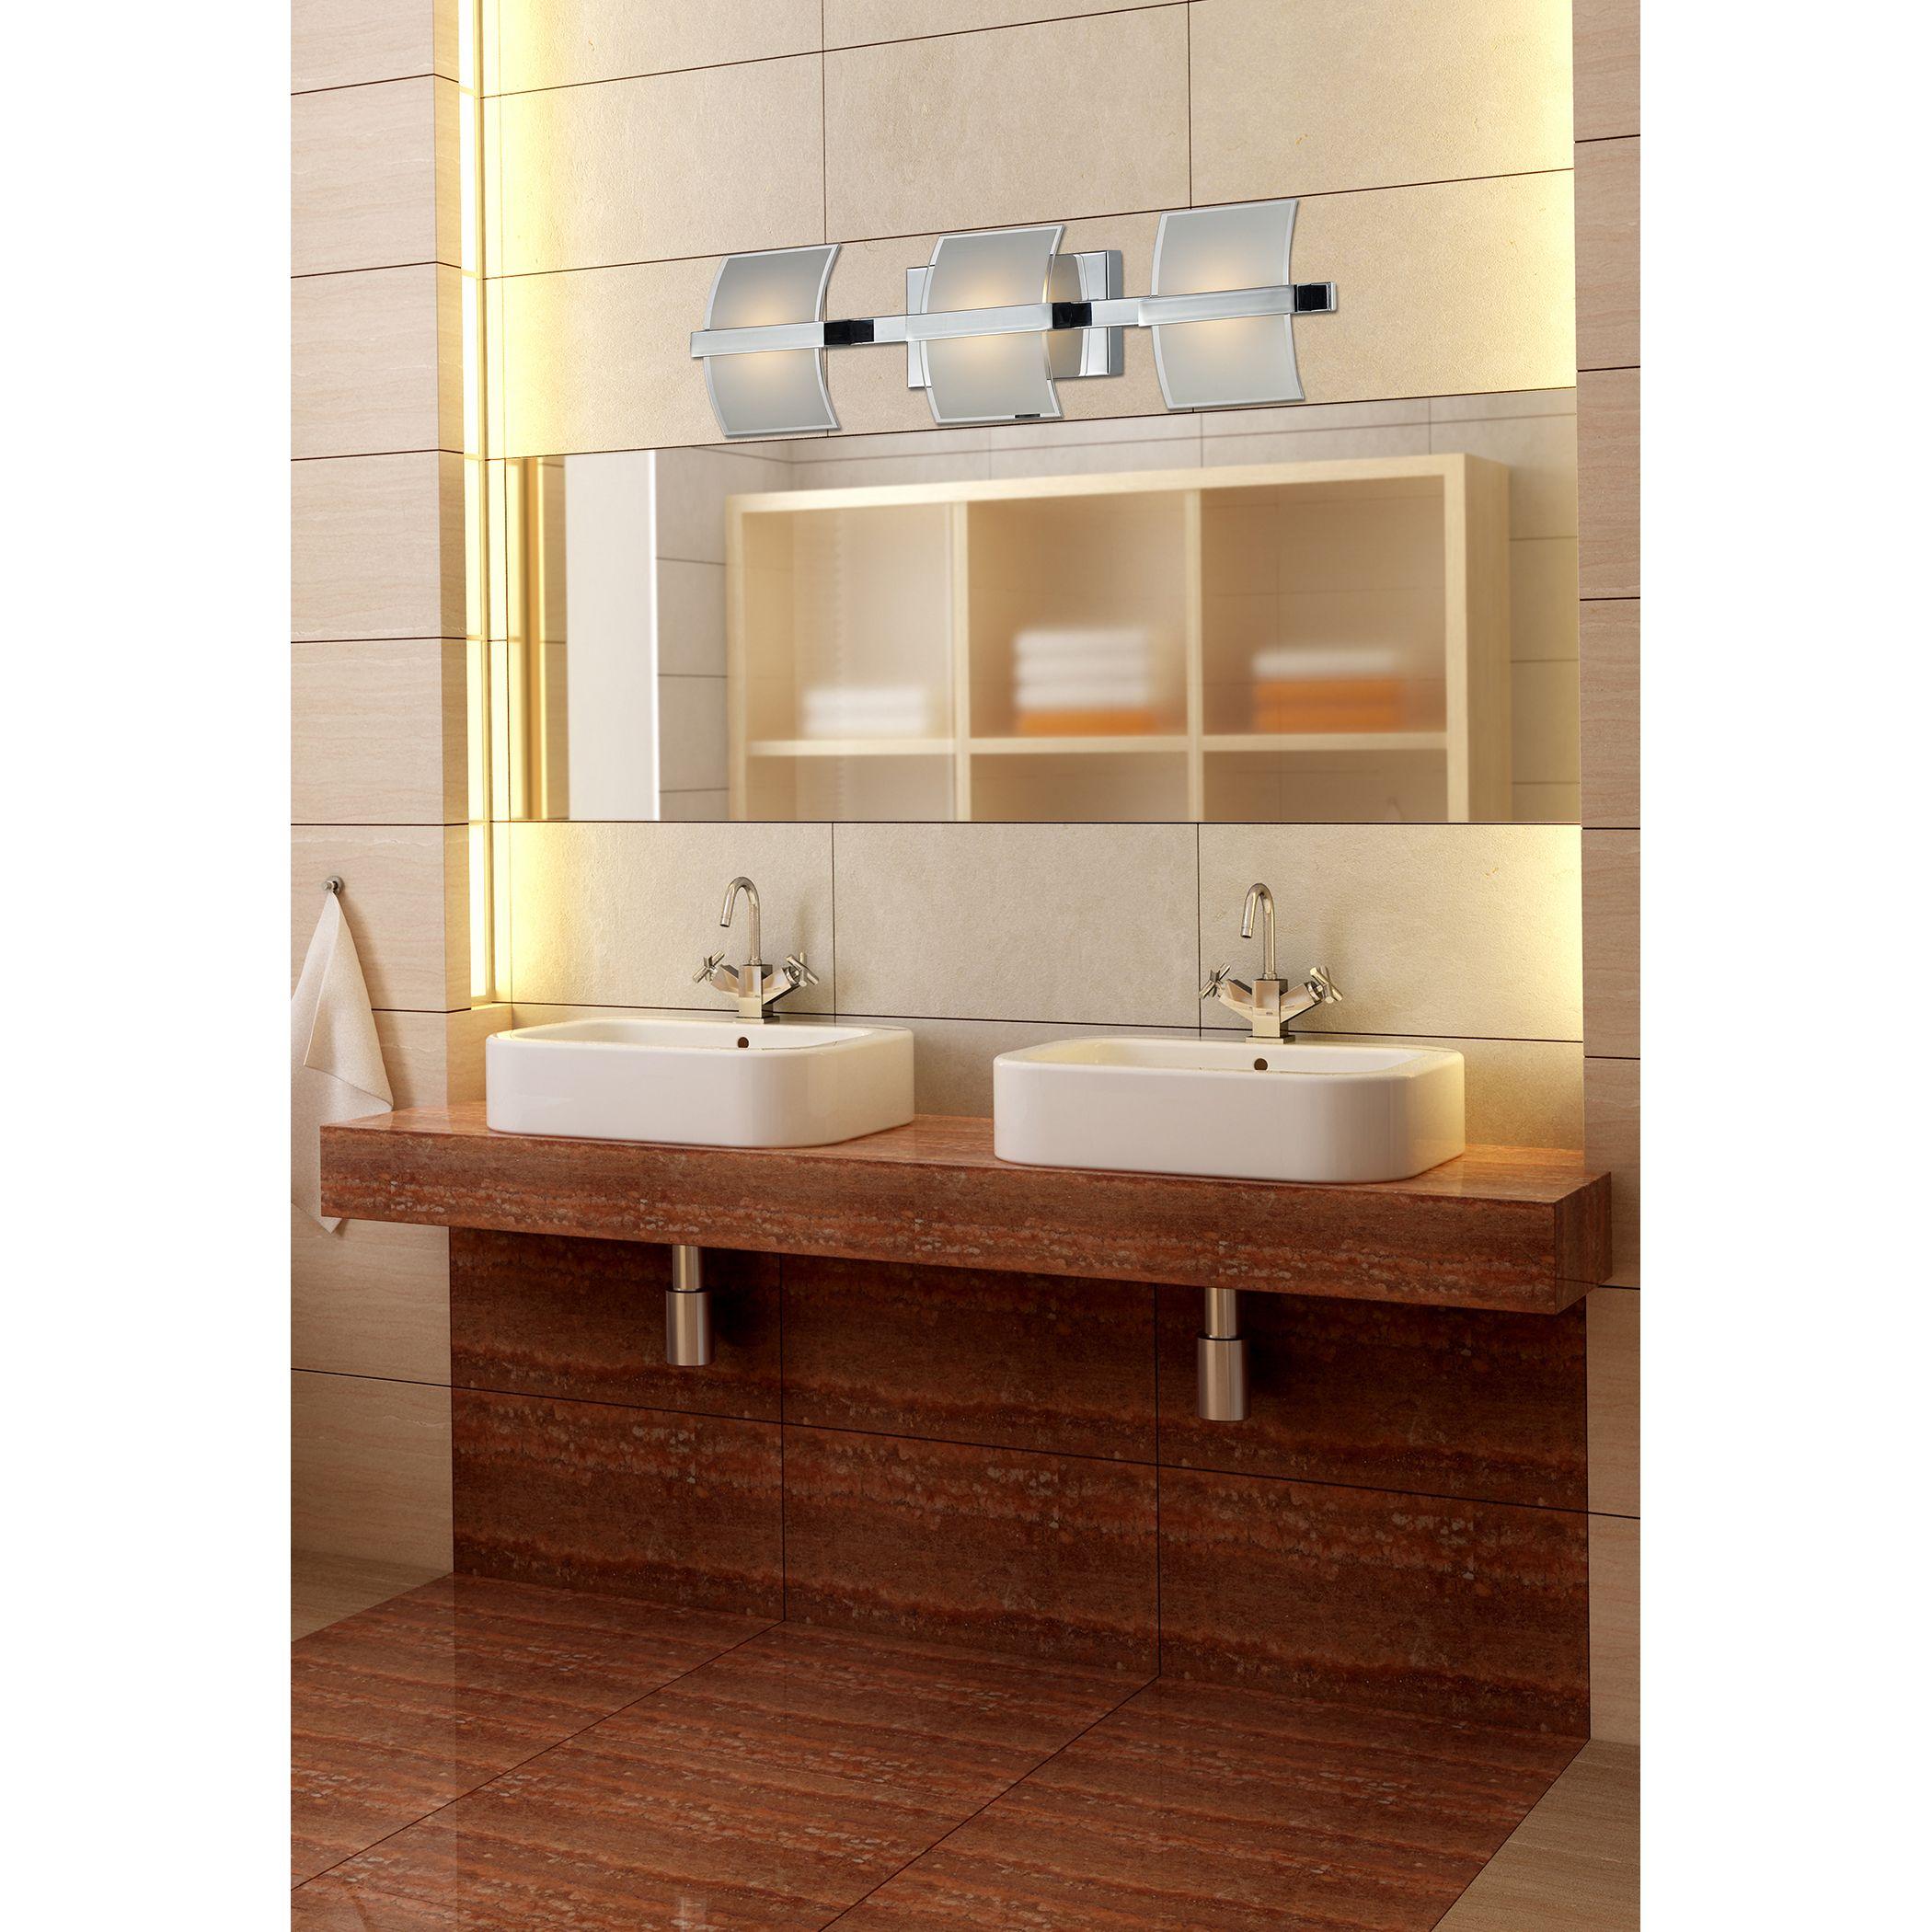 Epsom led light w glass wall lamp elk lighting pinterest